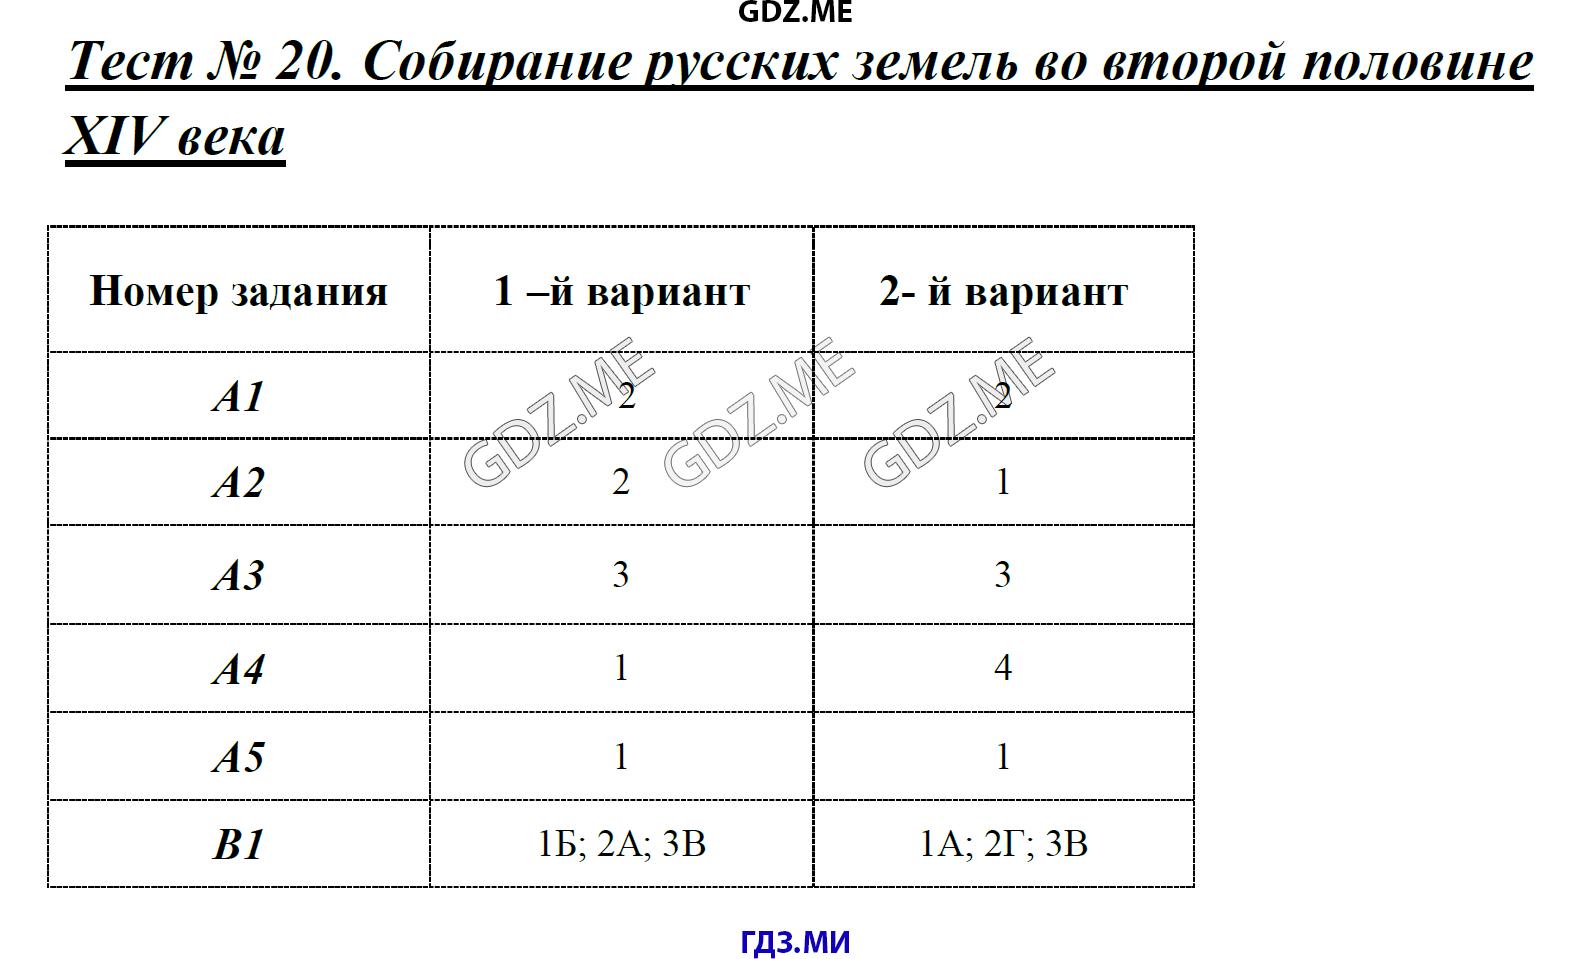 Spishy ru гдз по геометрии